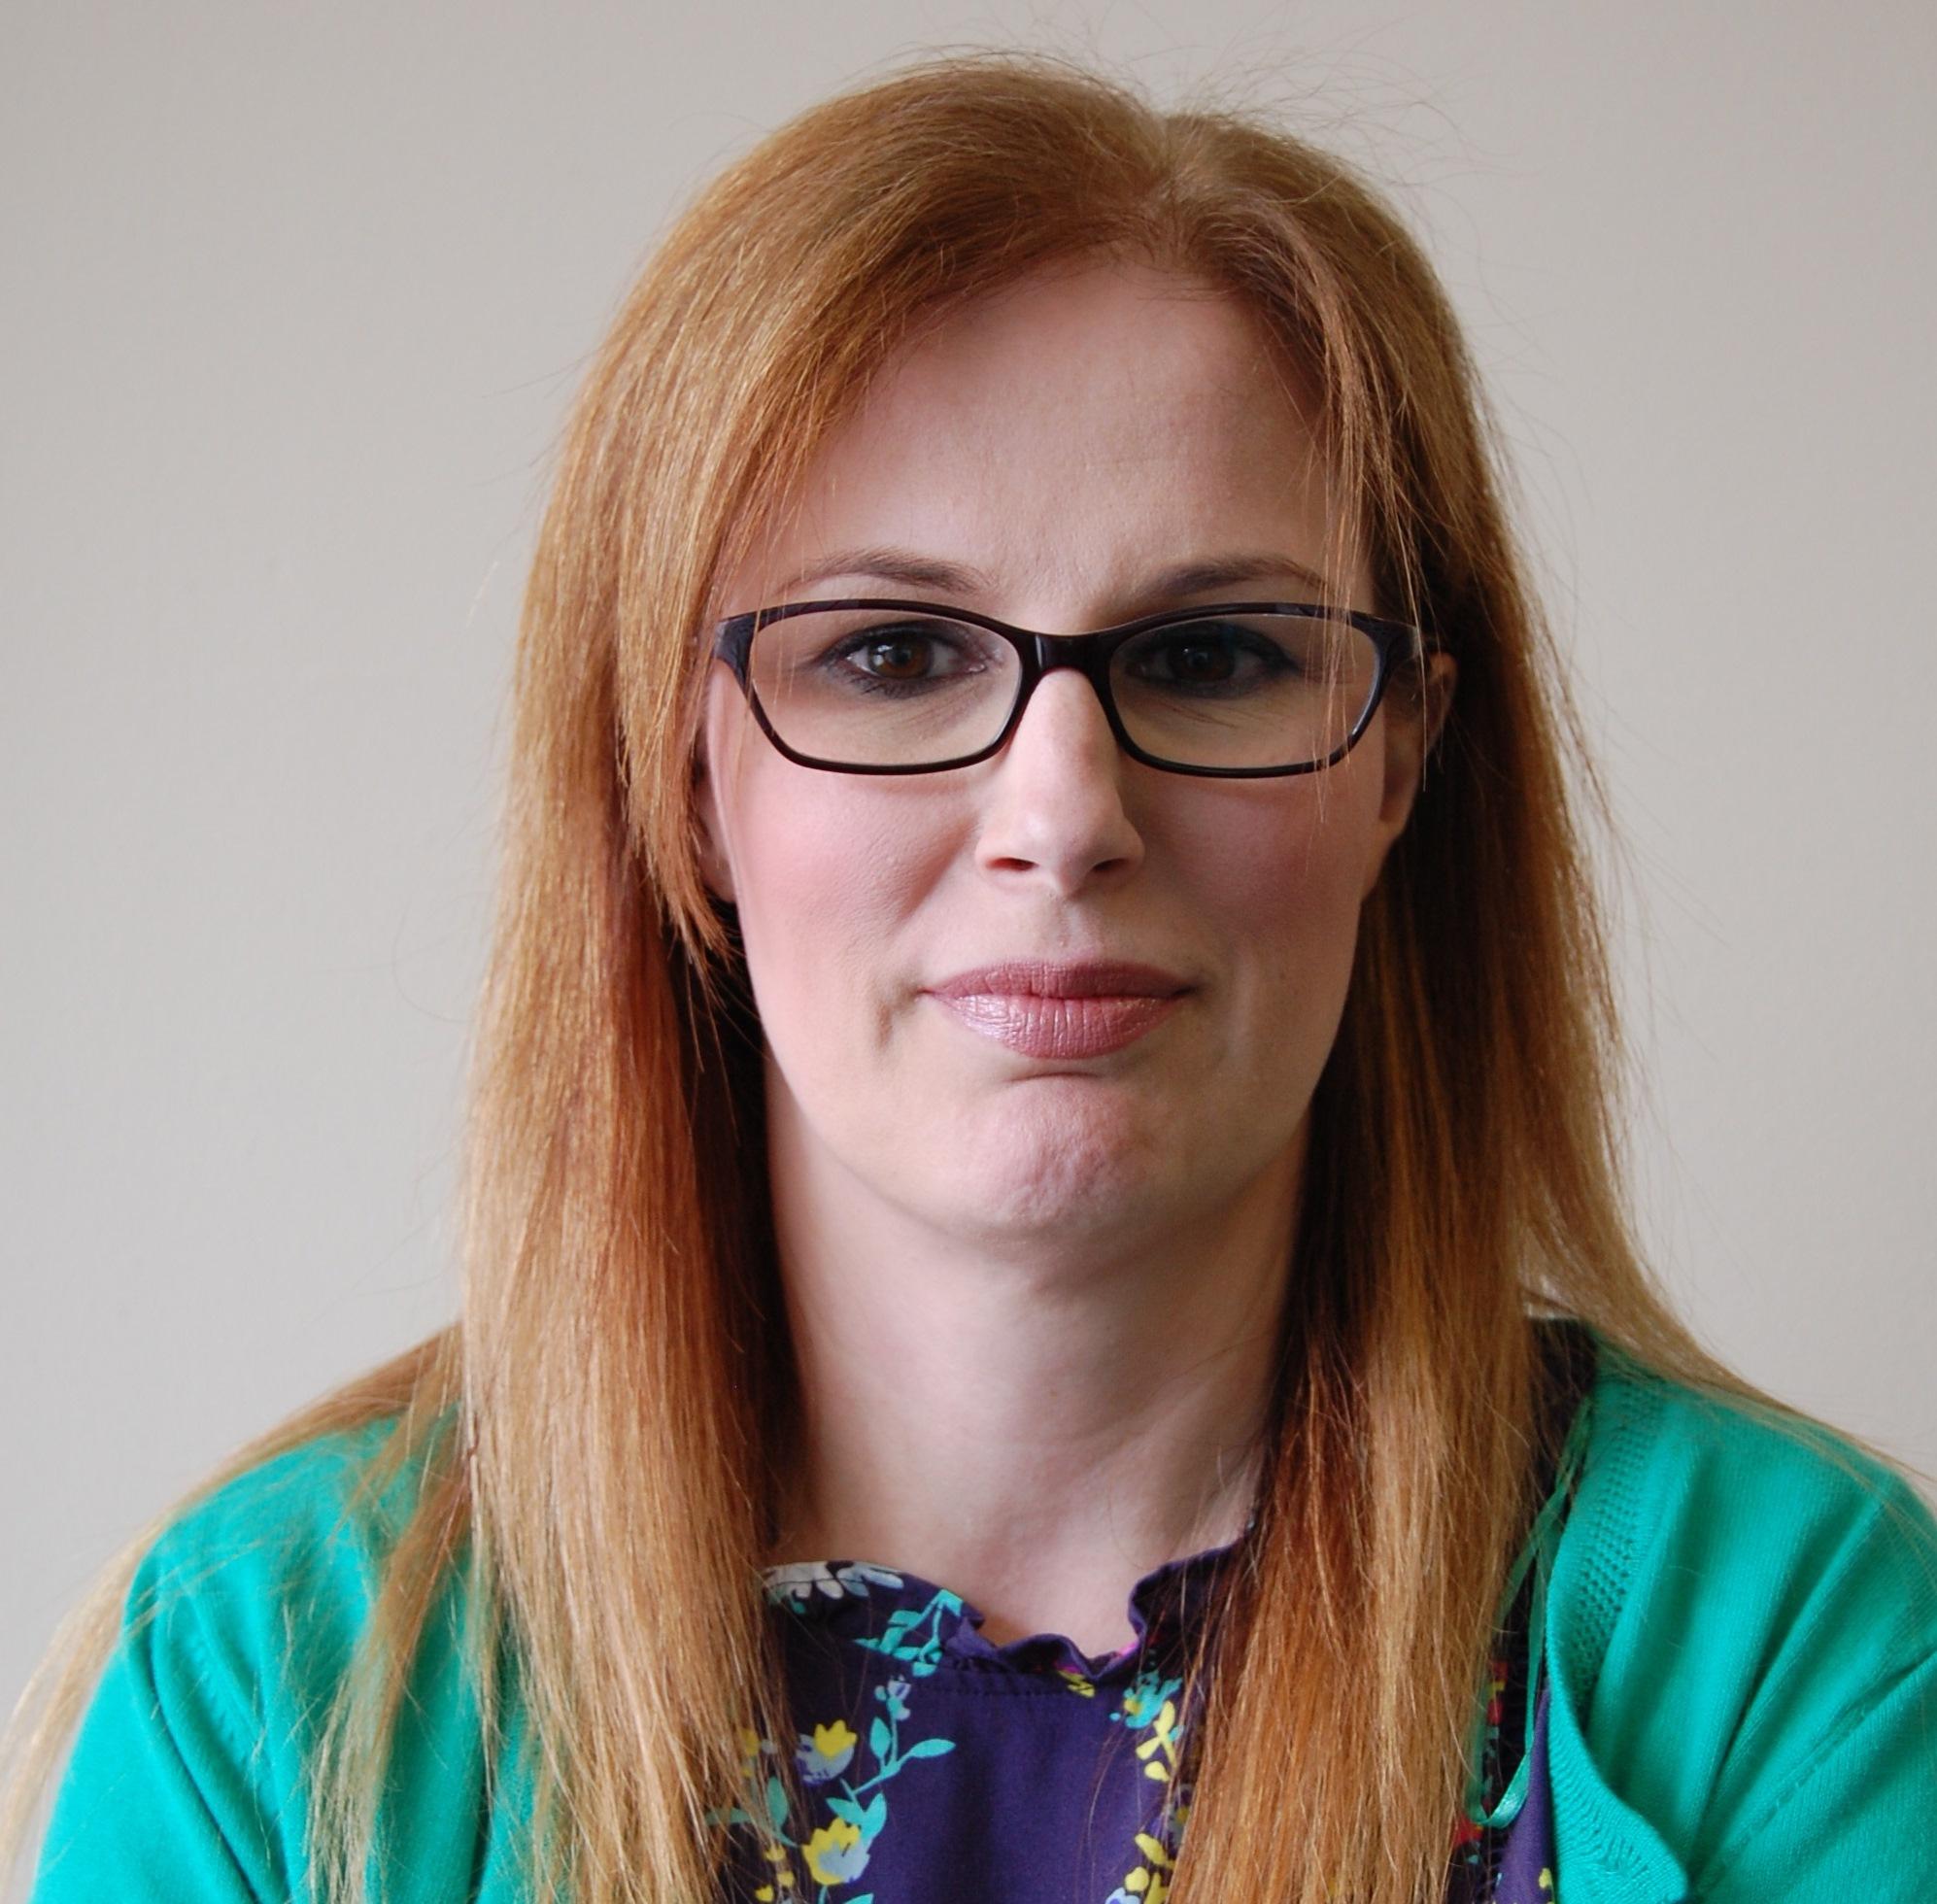 Lindsay Whitten